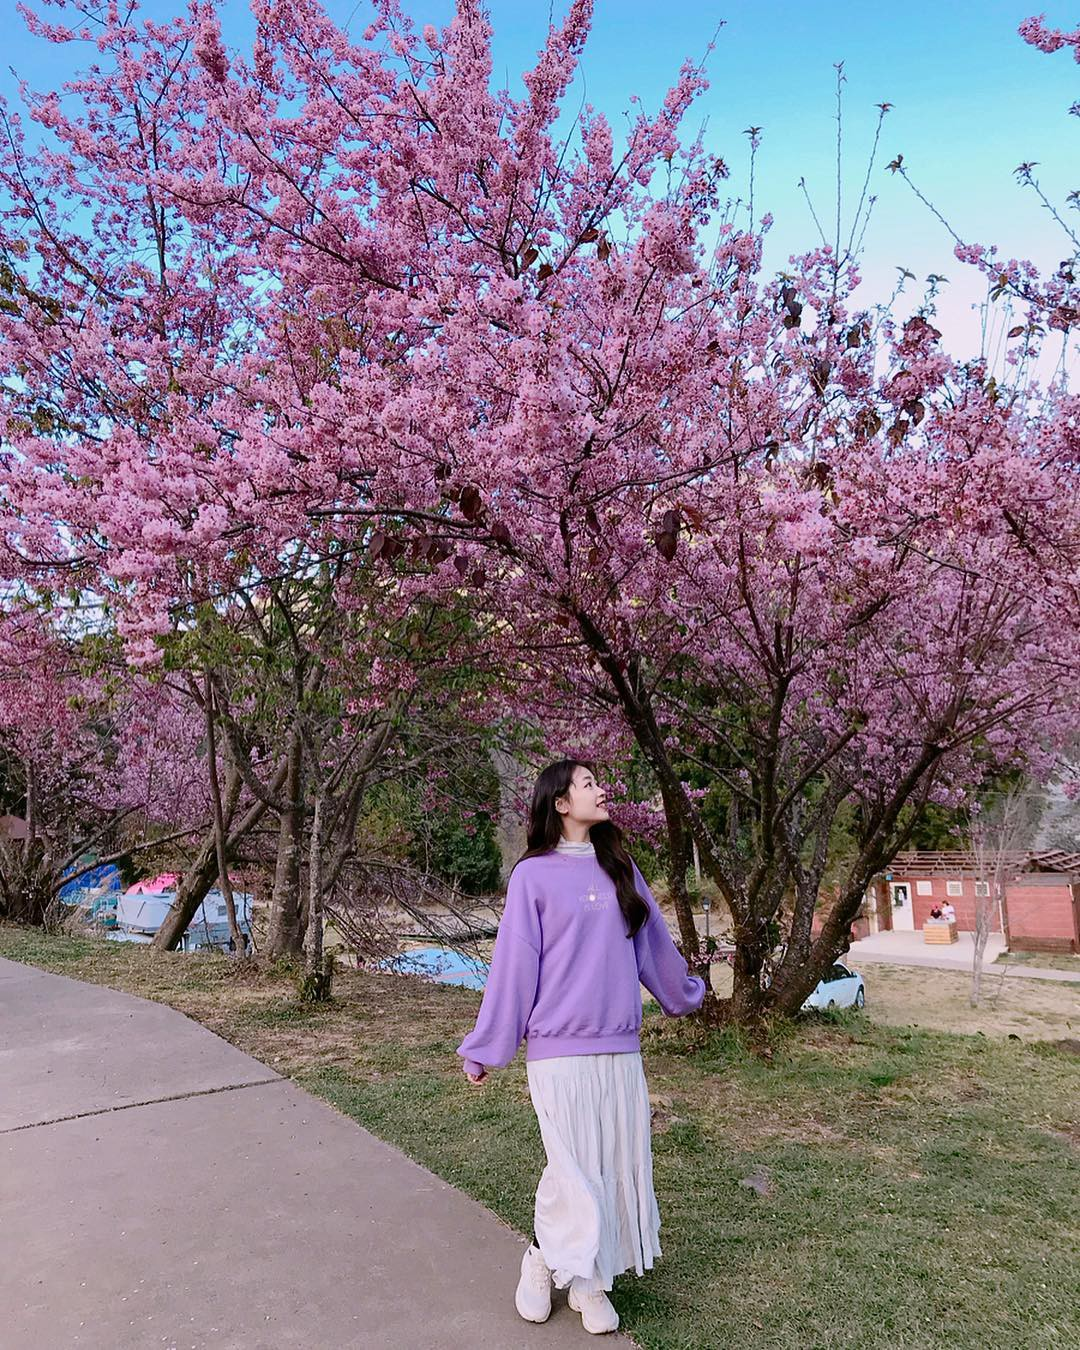 Đài Loan: Hoa anh đào lại nở rợp trời, tạo điều kiện cho trai gái dập dìu chơi xuân - Ảnh 12.